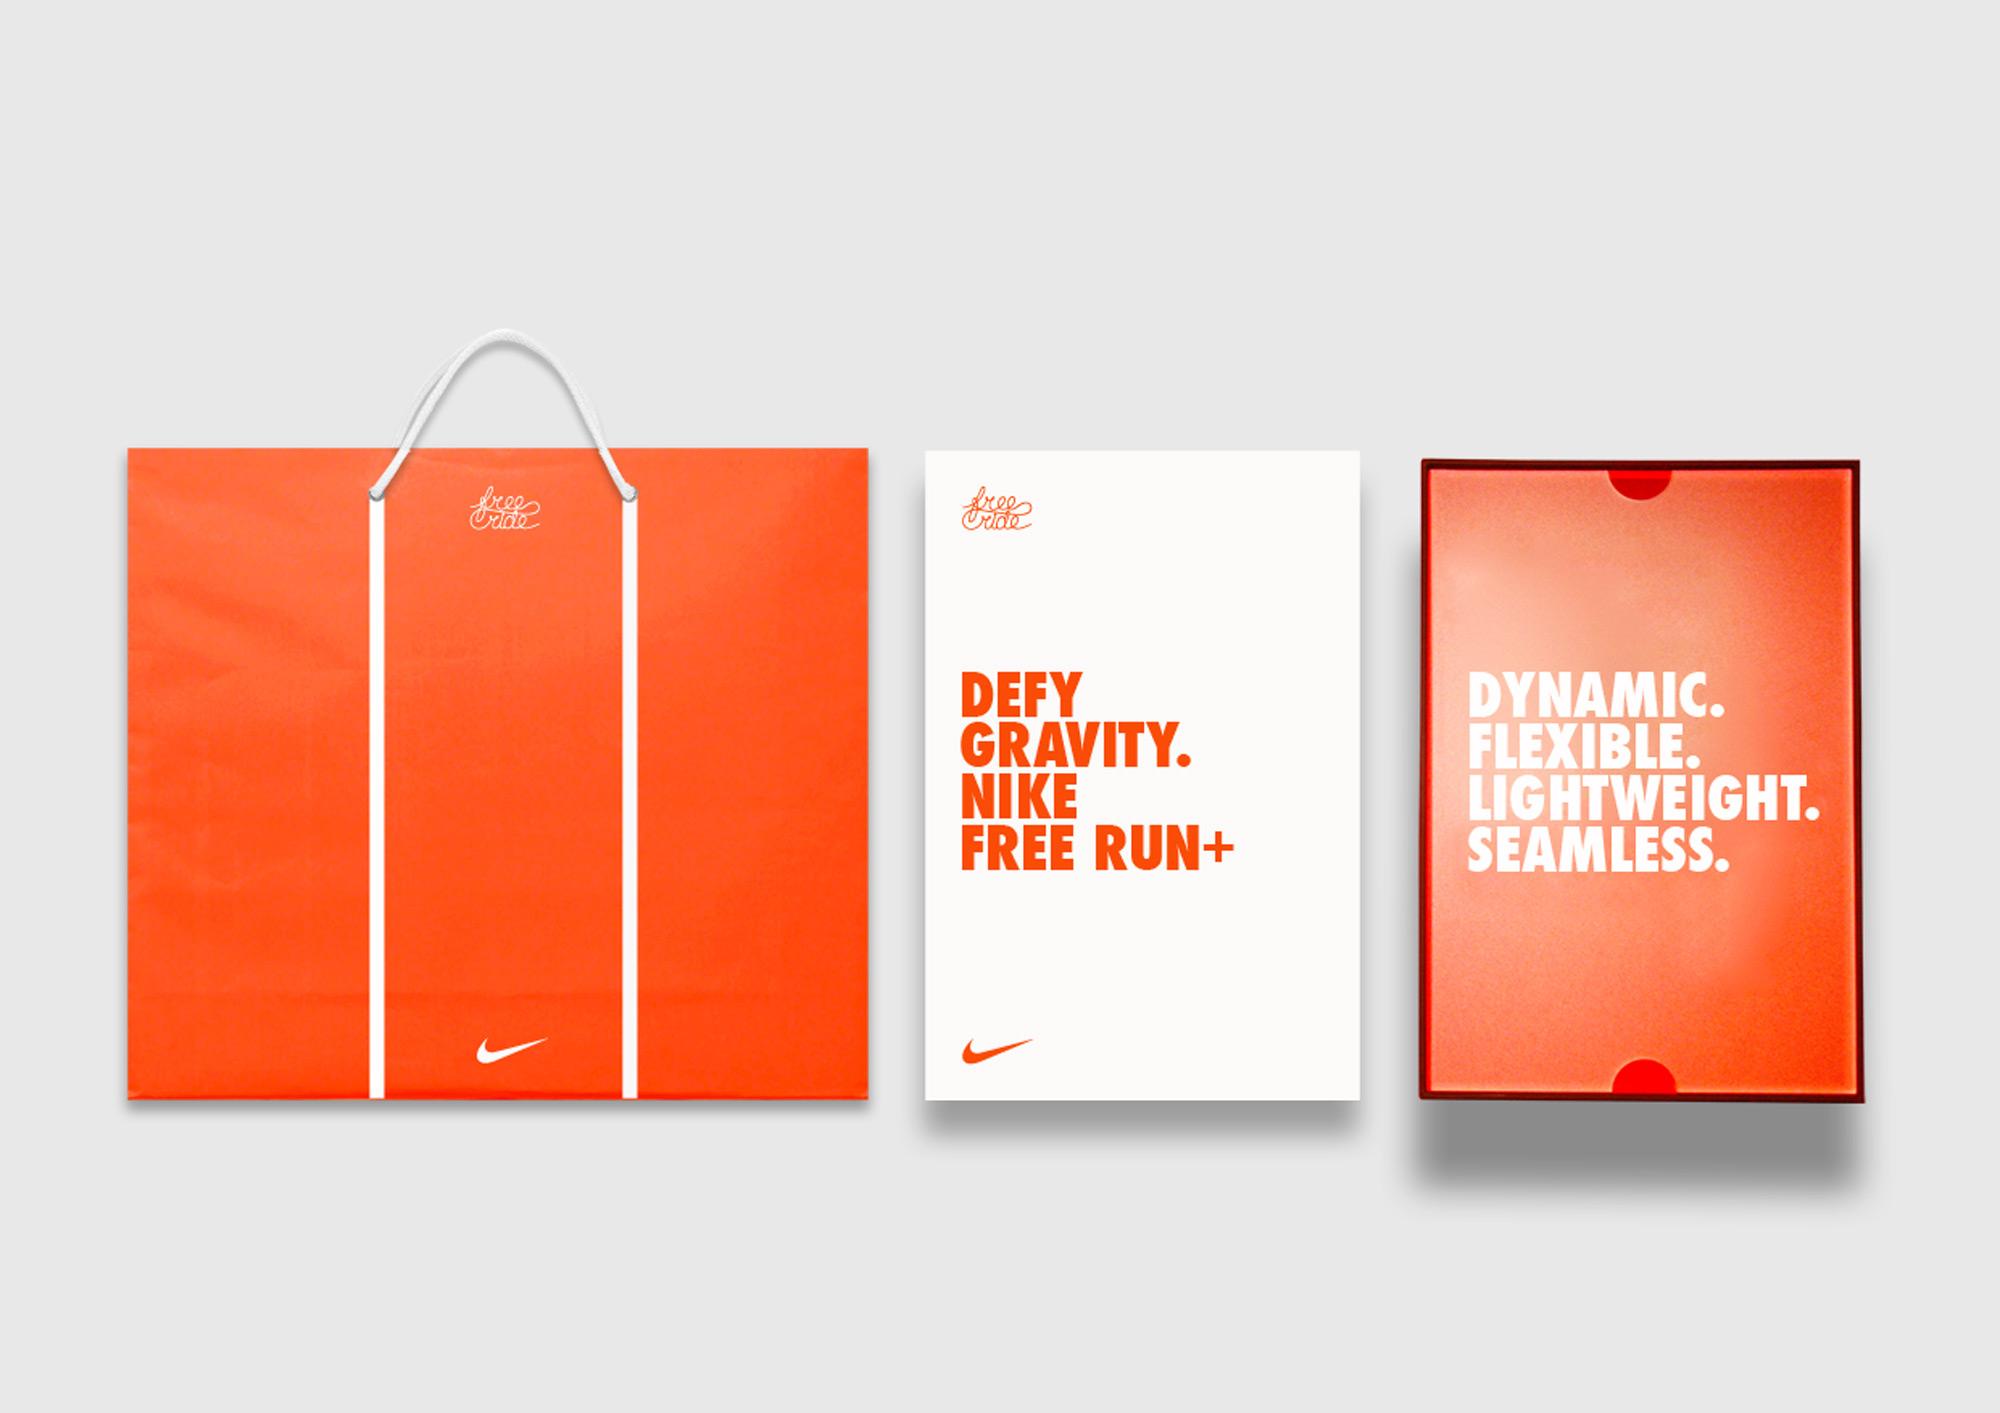 Nike-Free-Ride-packaging.jpg